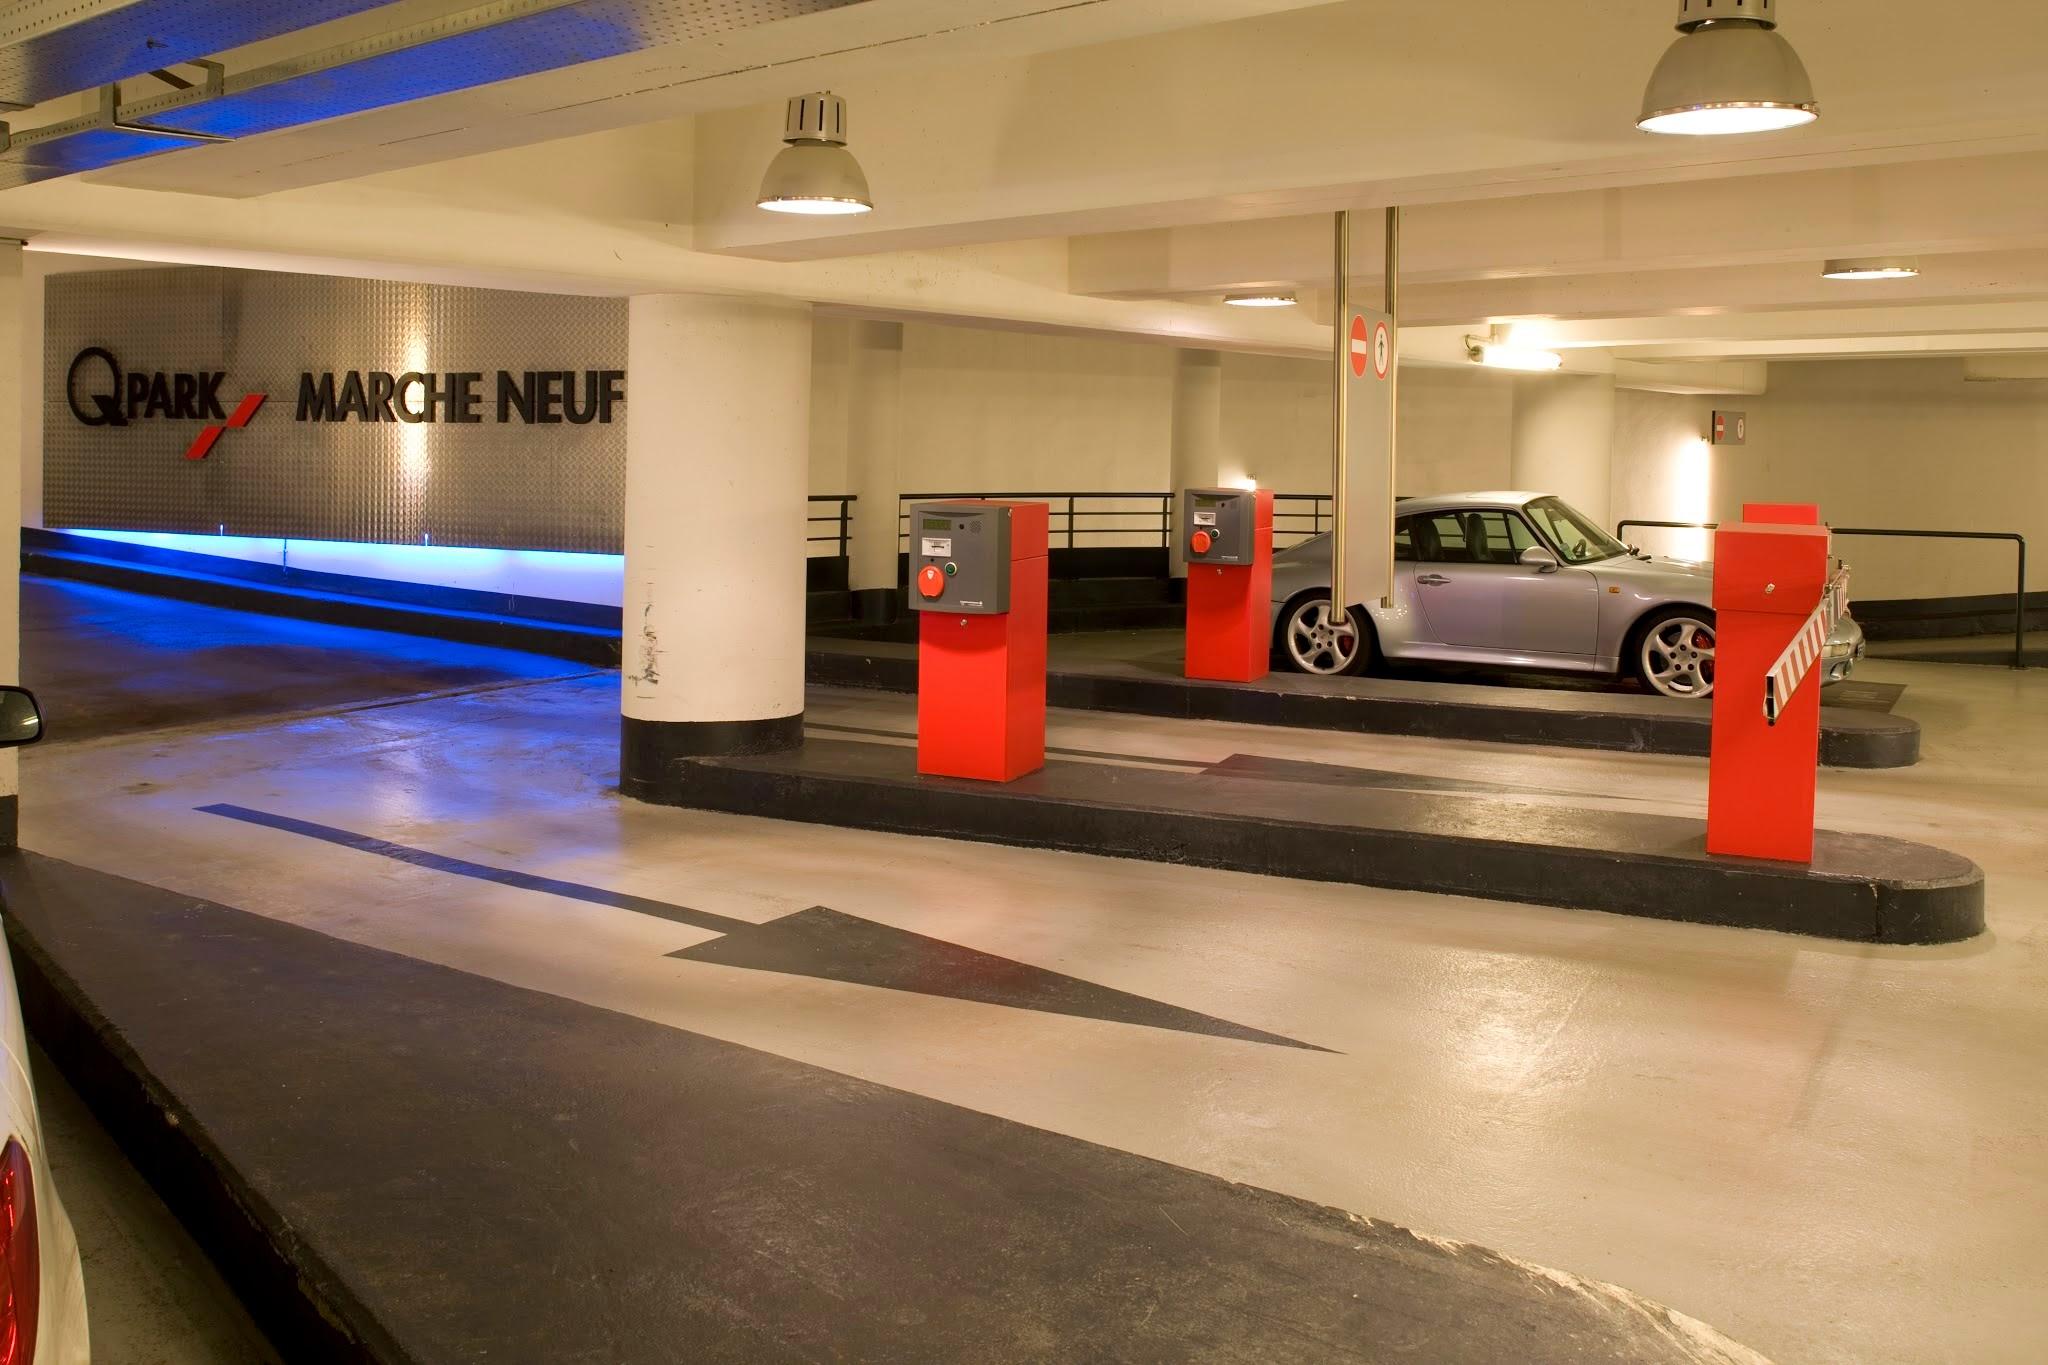 Parking Q-Park Saint-Germain-en-Laye Marché Neuf